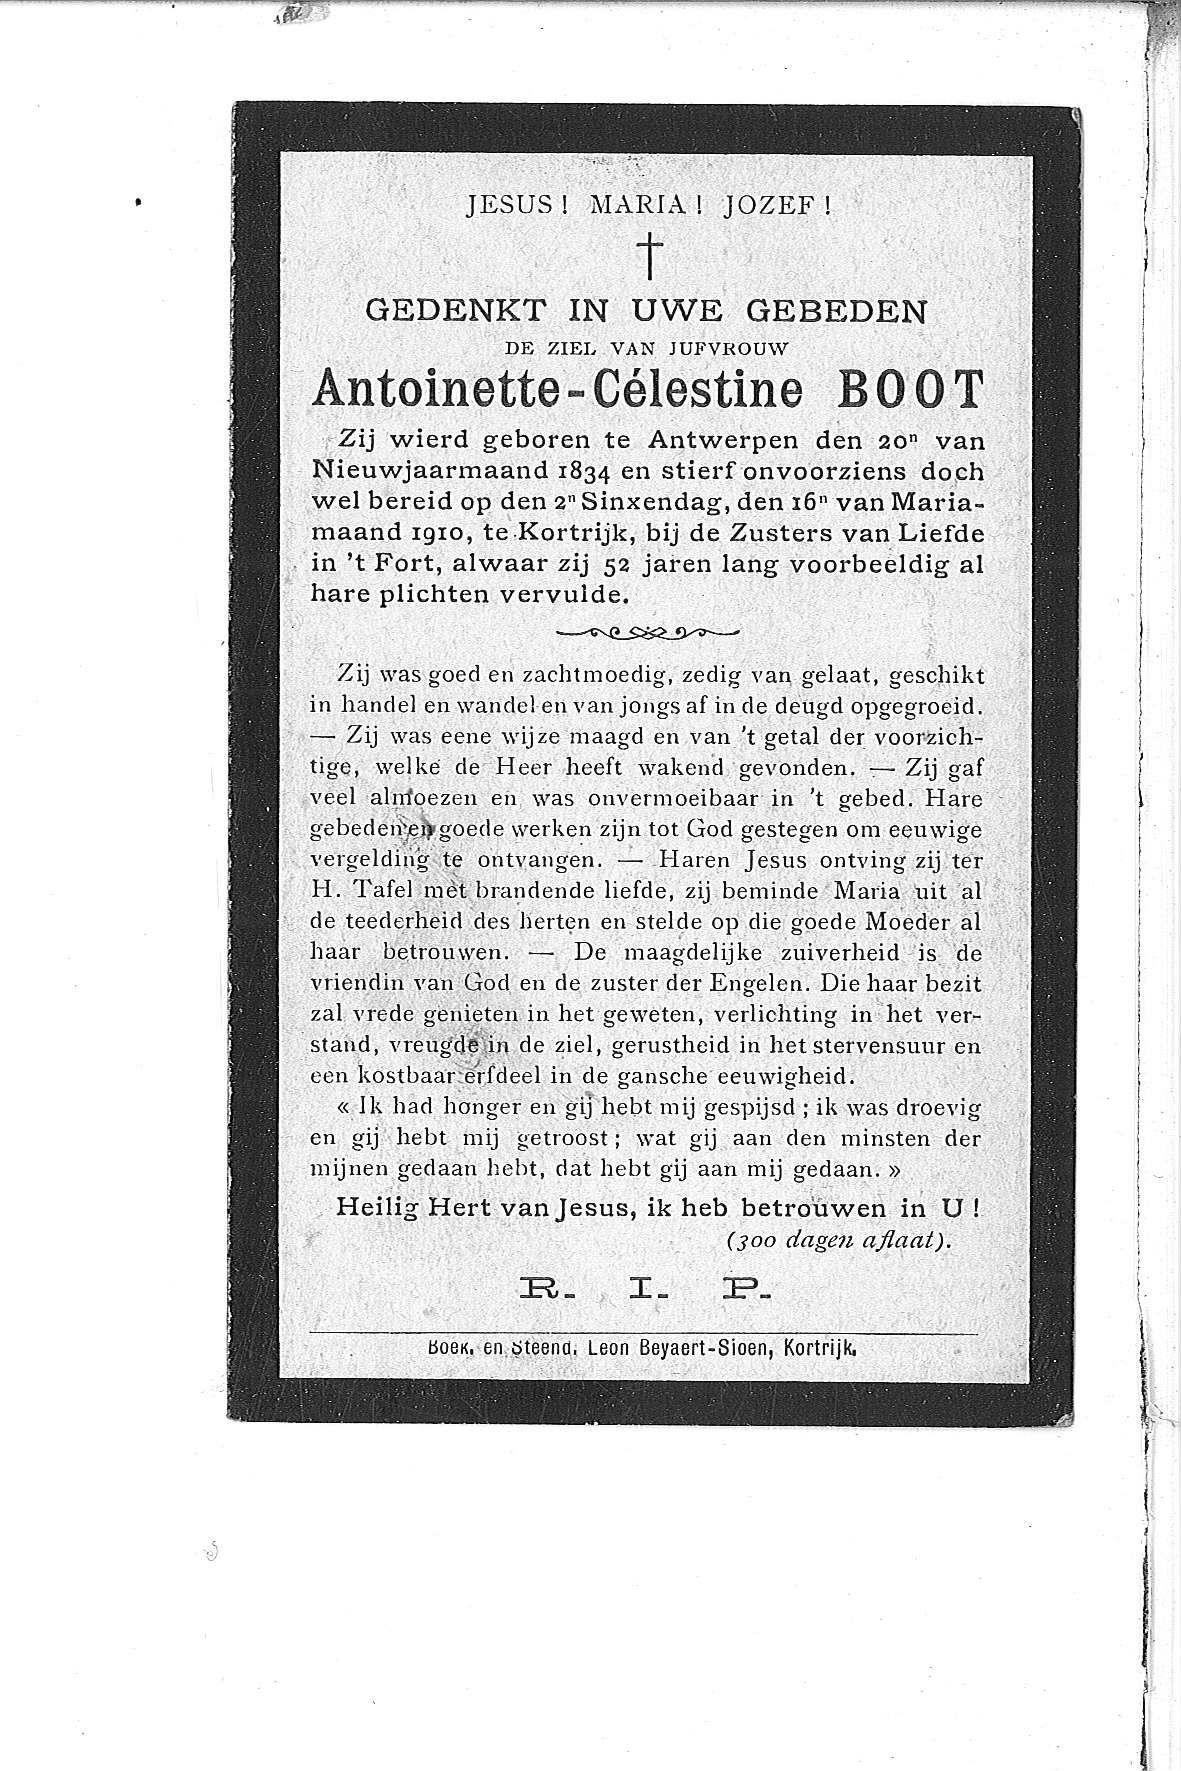 Antoinette-Celestine(1910)20110516120124_00086.jpg